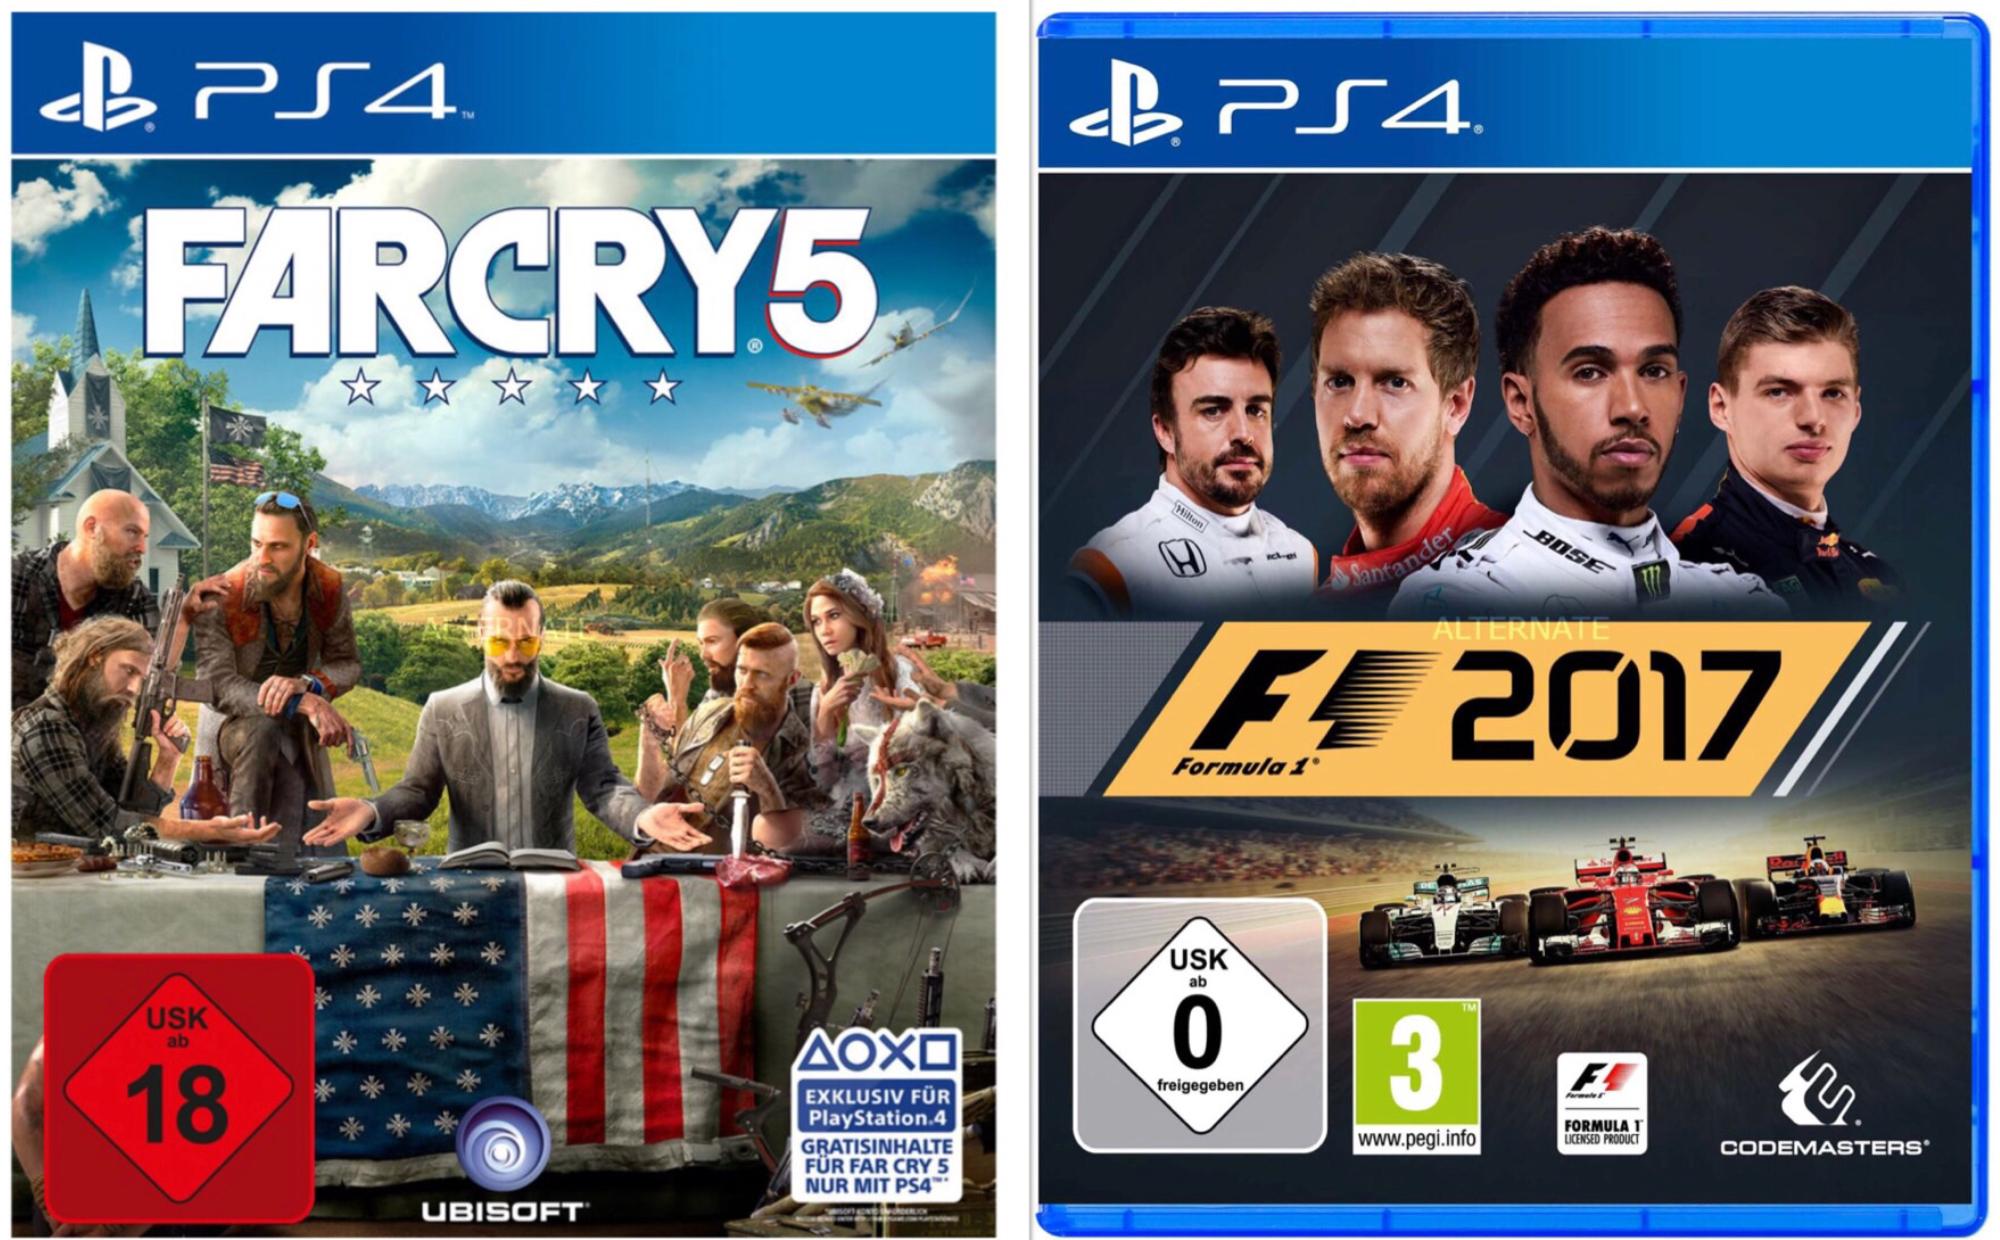 [Alternate] UbiSoft Far Cry 5 +  Codemasters F1 2017 PS4 PlayStation für 66,36€ - bei Bezahlung mit MasterPass und nur heute! (auch andere Kombinationen möglich)